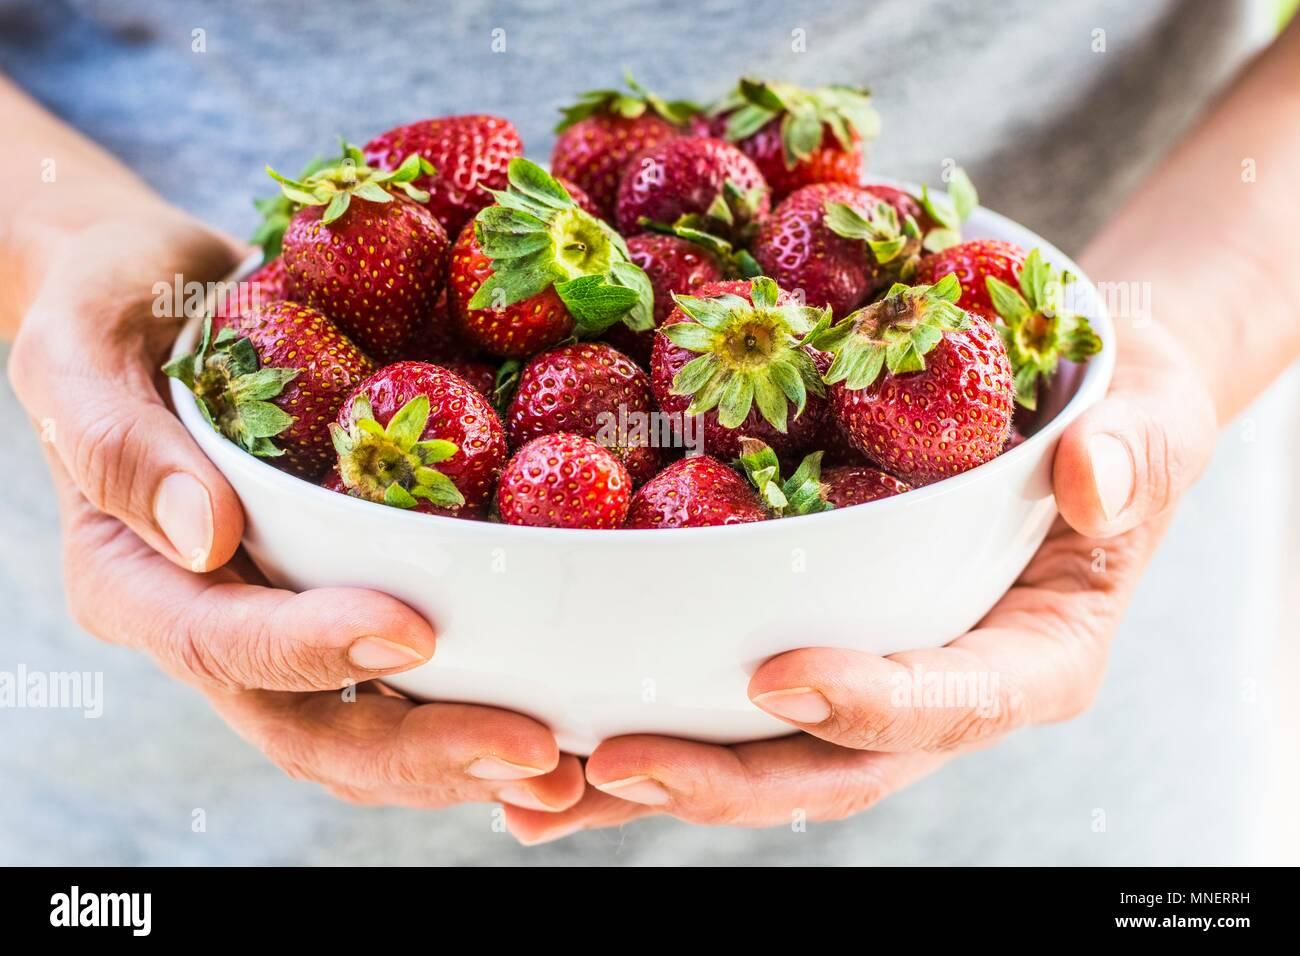 Mains tenant bol de fraises fraîches Photo Stock